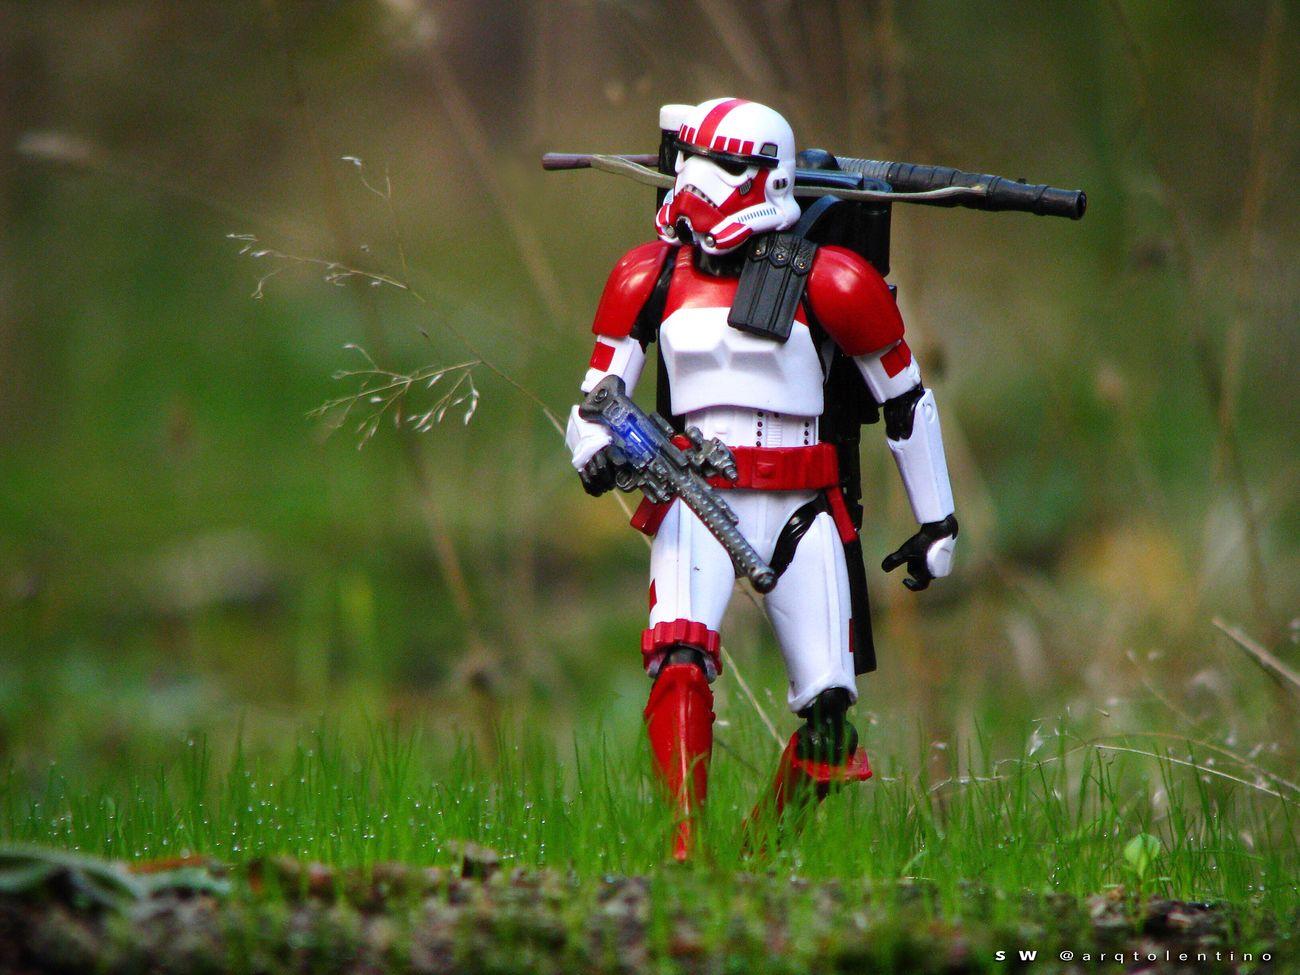 """SW - FUERZAS EXPEDICIONARIAS. """"Los ShockTroopers fueron soldados clones introducidos durante las Guerras Clon, se les distinguía por las marcas rojas en la armadura y casco, siendo ellos los que originalmente formaron la Guardia de Coruscant. Durante la era del Imperio Galáctico también usaron este color pero en todo el uniforme."""" [Wikia] Theblackseries Legostarwars Toysaremydrugs Starwarstheblackseries MayThe4thBeWithYou Jedi Disney TheForceAwakens Sandtroopers Stormtroopers Toyoutsiders"""